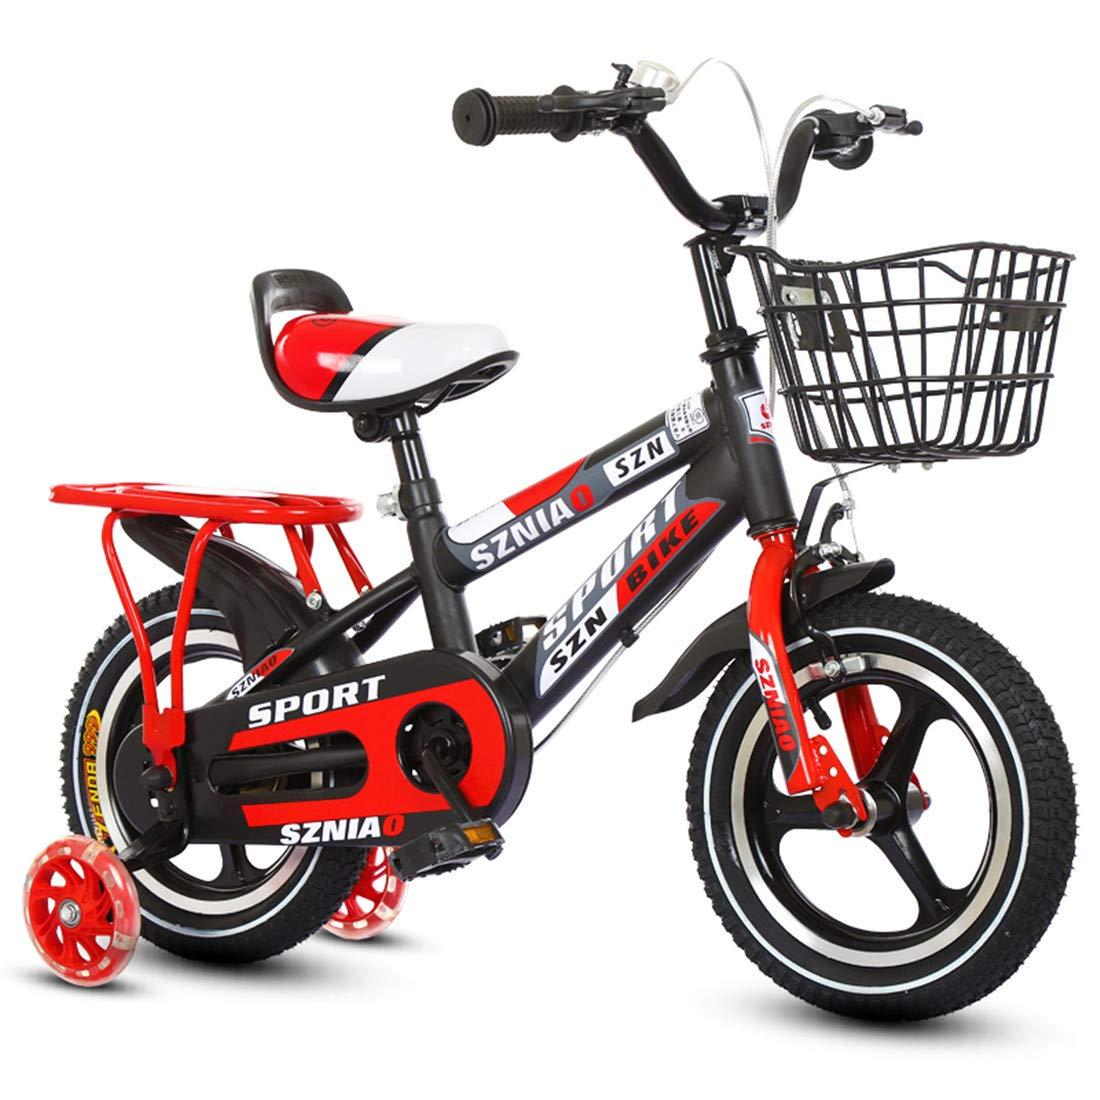 2つの補助車輪および前部および後部ブレーキが付いている子供の自転車の懸濁液の自転車 14inch red B07NVPFN7F